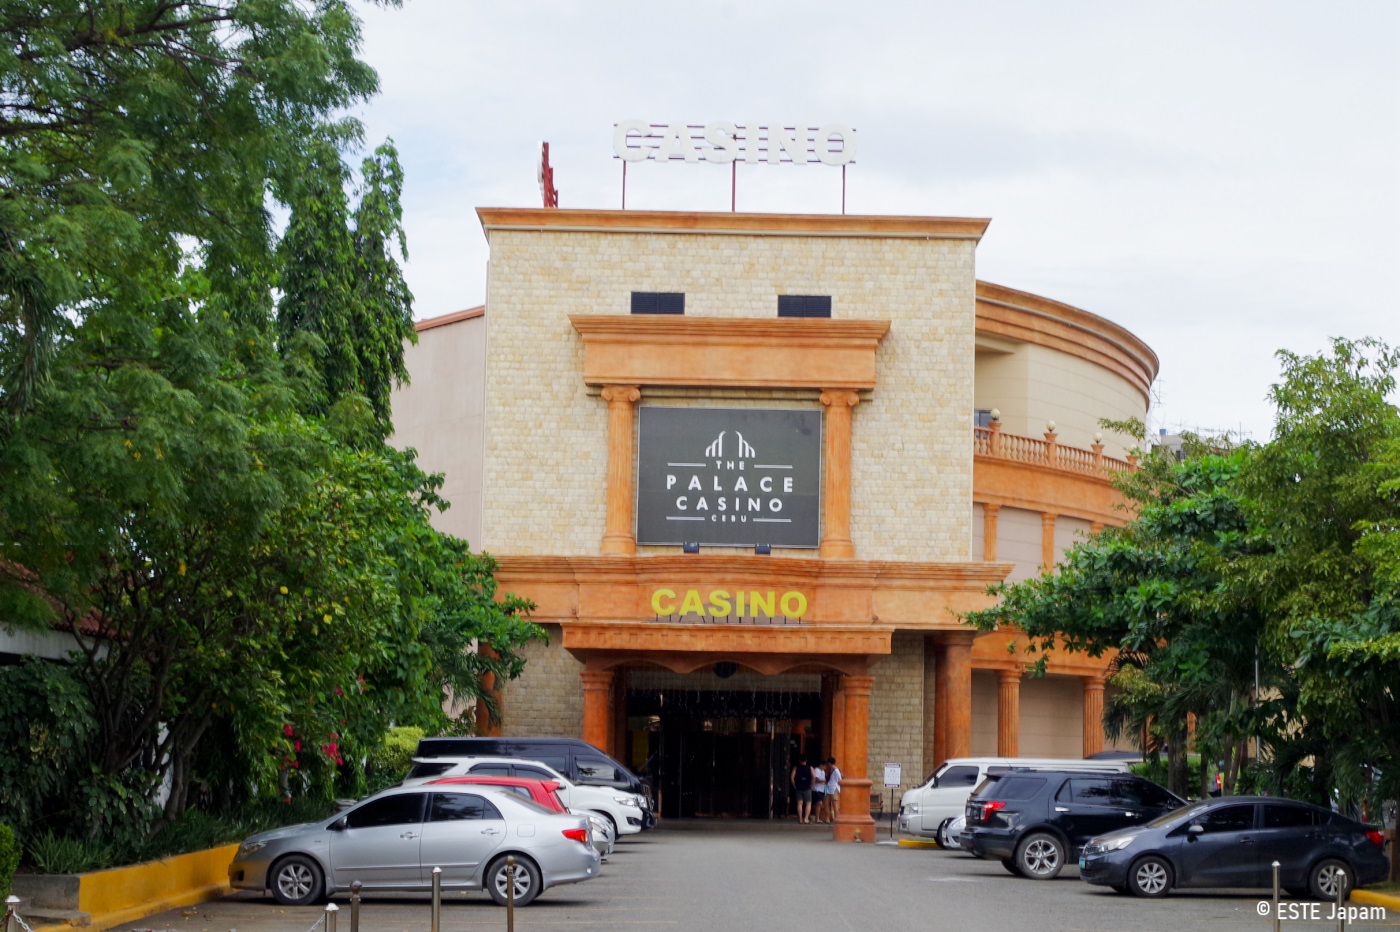 Jパークホテルのカジノ